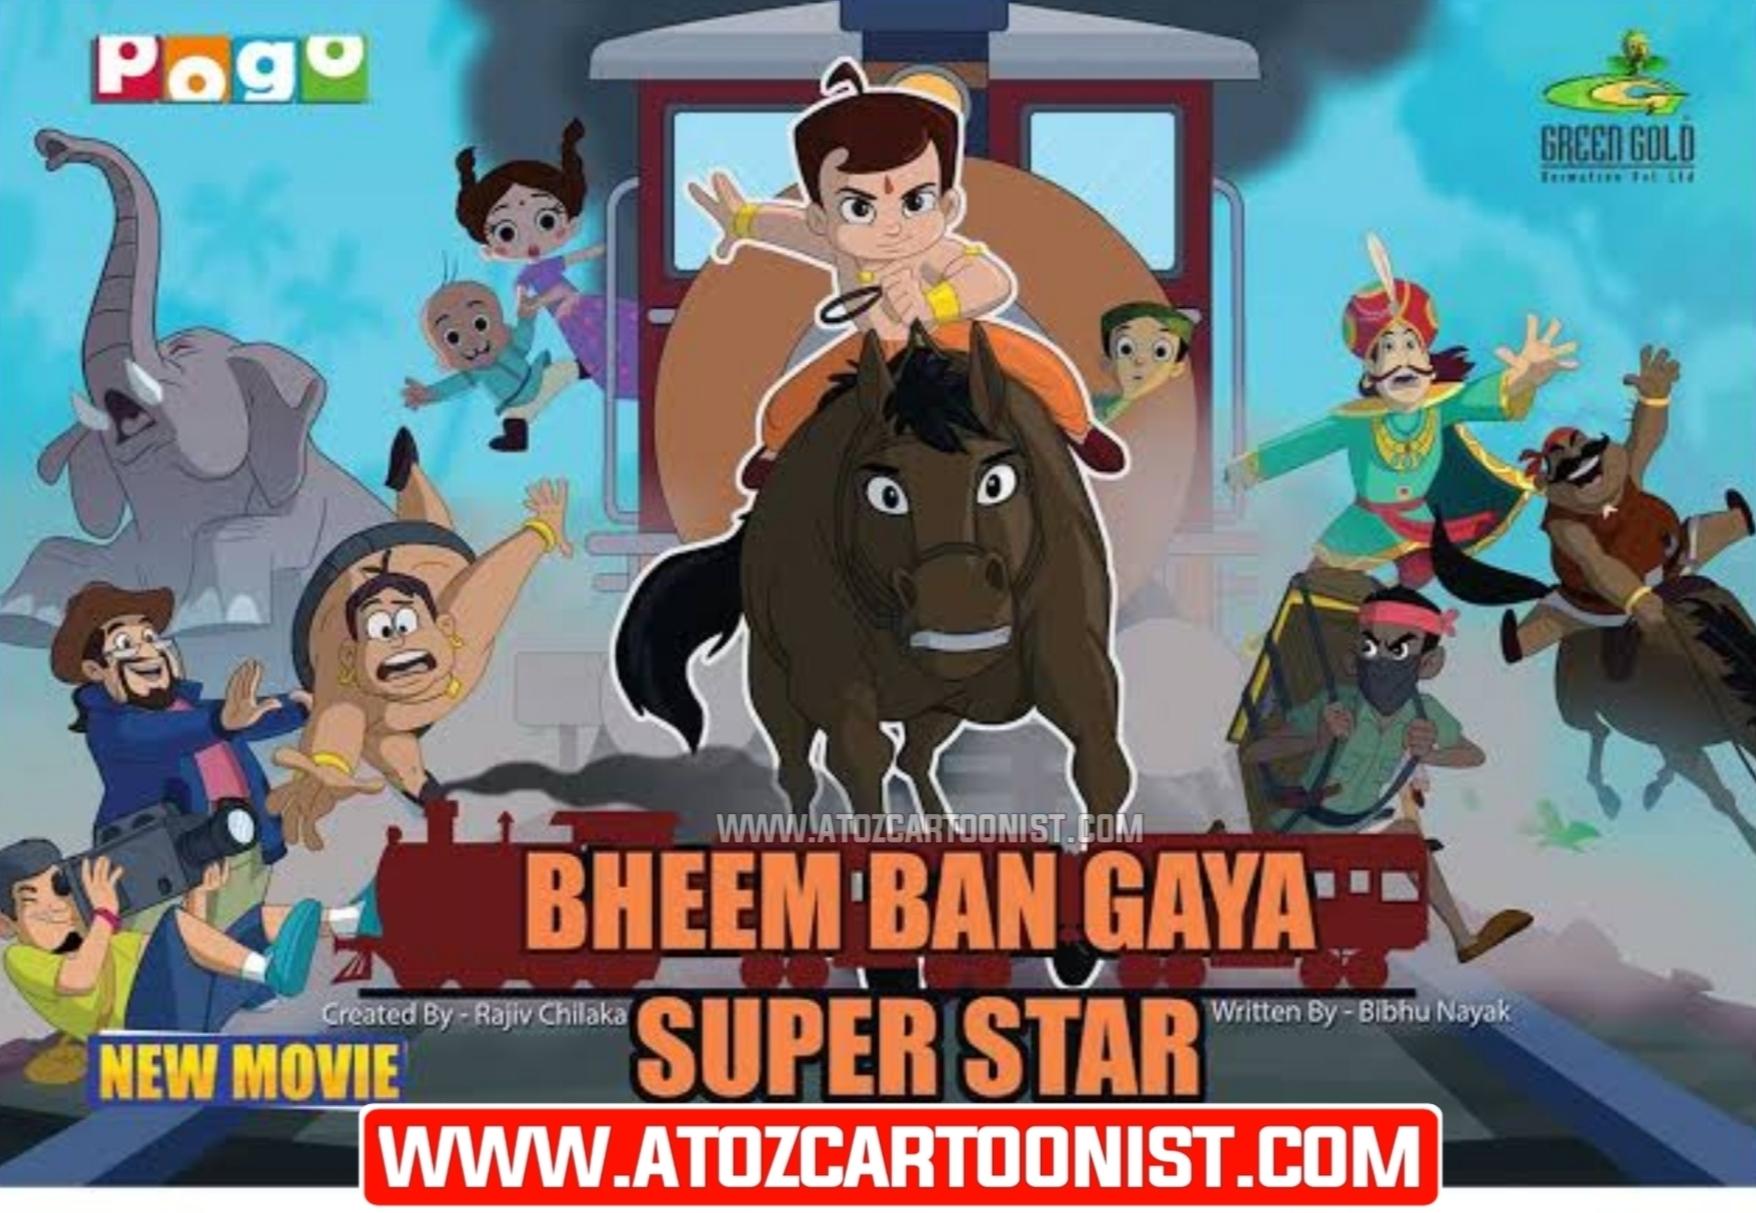 CHHOTA BHEEM BAN GAYA SUPERSTAR FULL MOVIE IN HINDI & TAMIL DOWNLOAD (480P, 720P & 1080P)